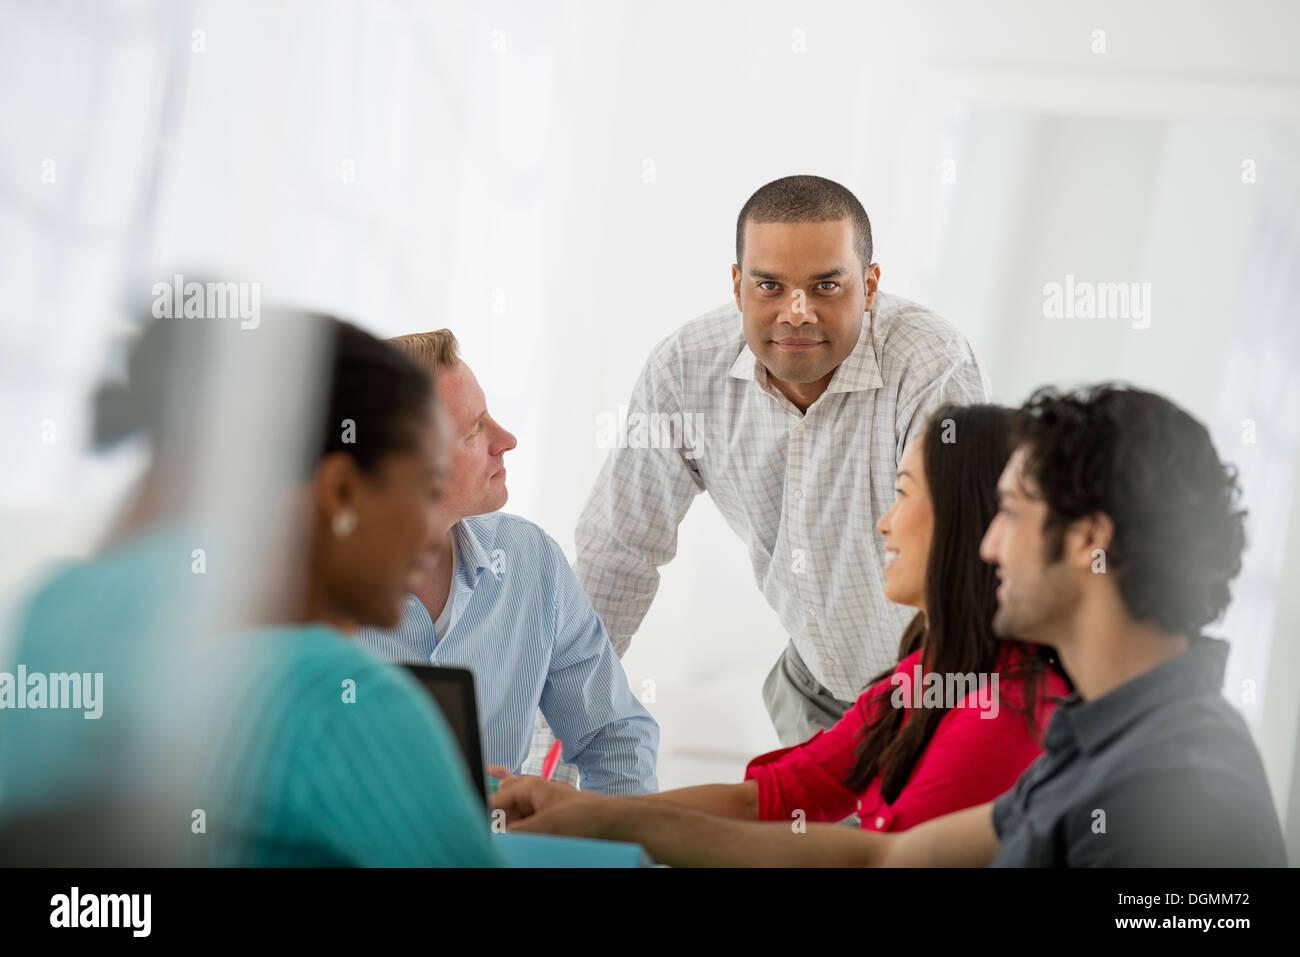 Indische frauen, die einen schwarzen mann suchen